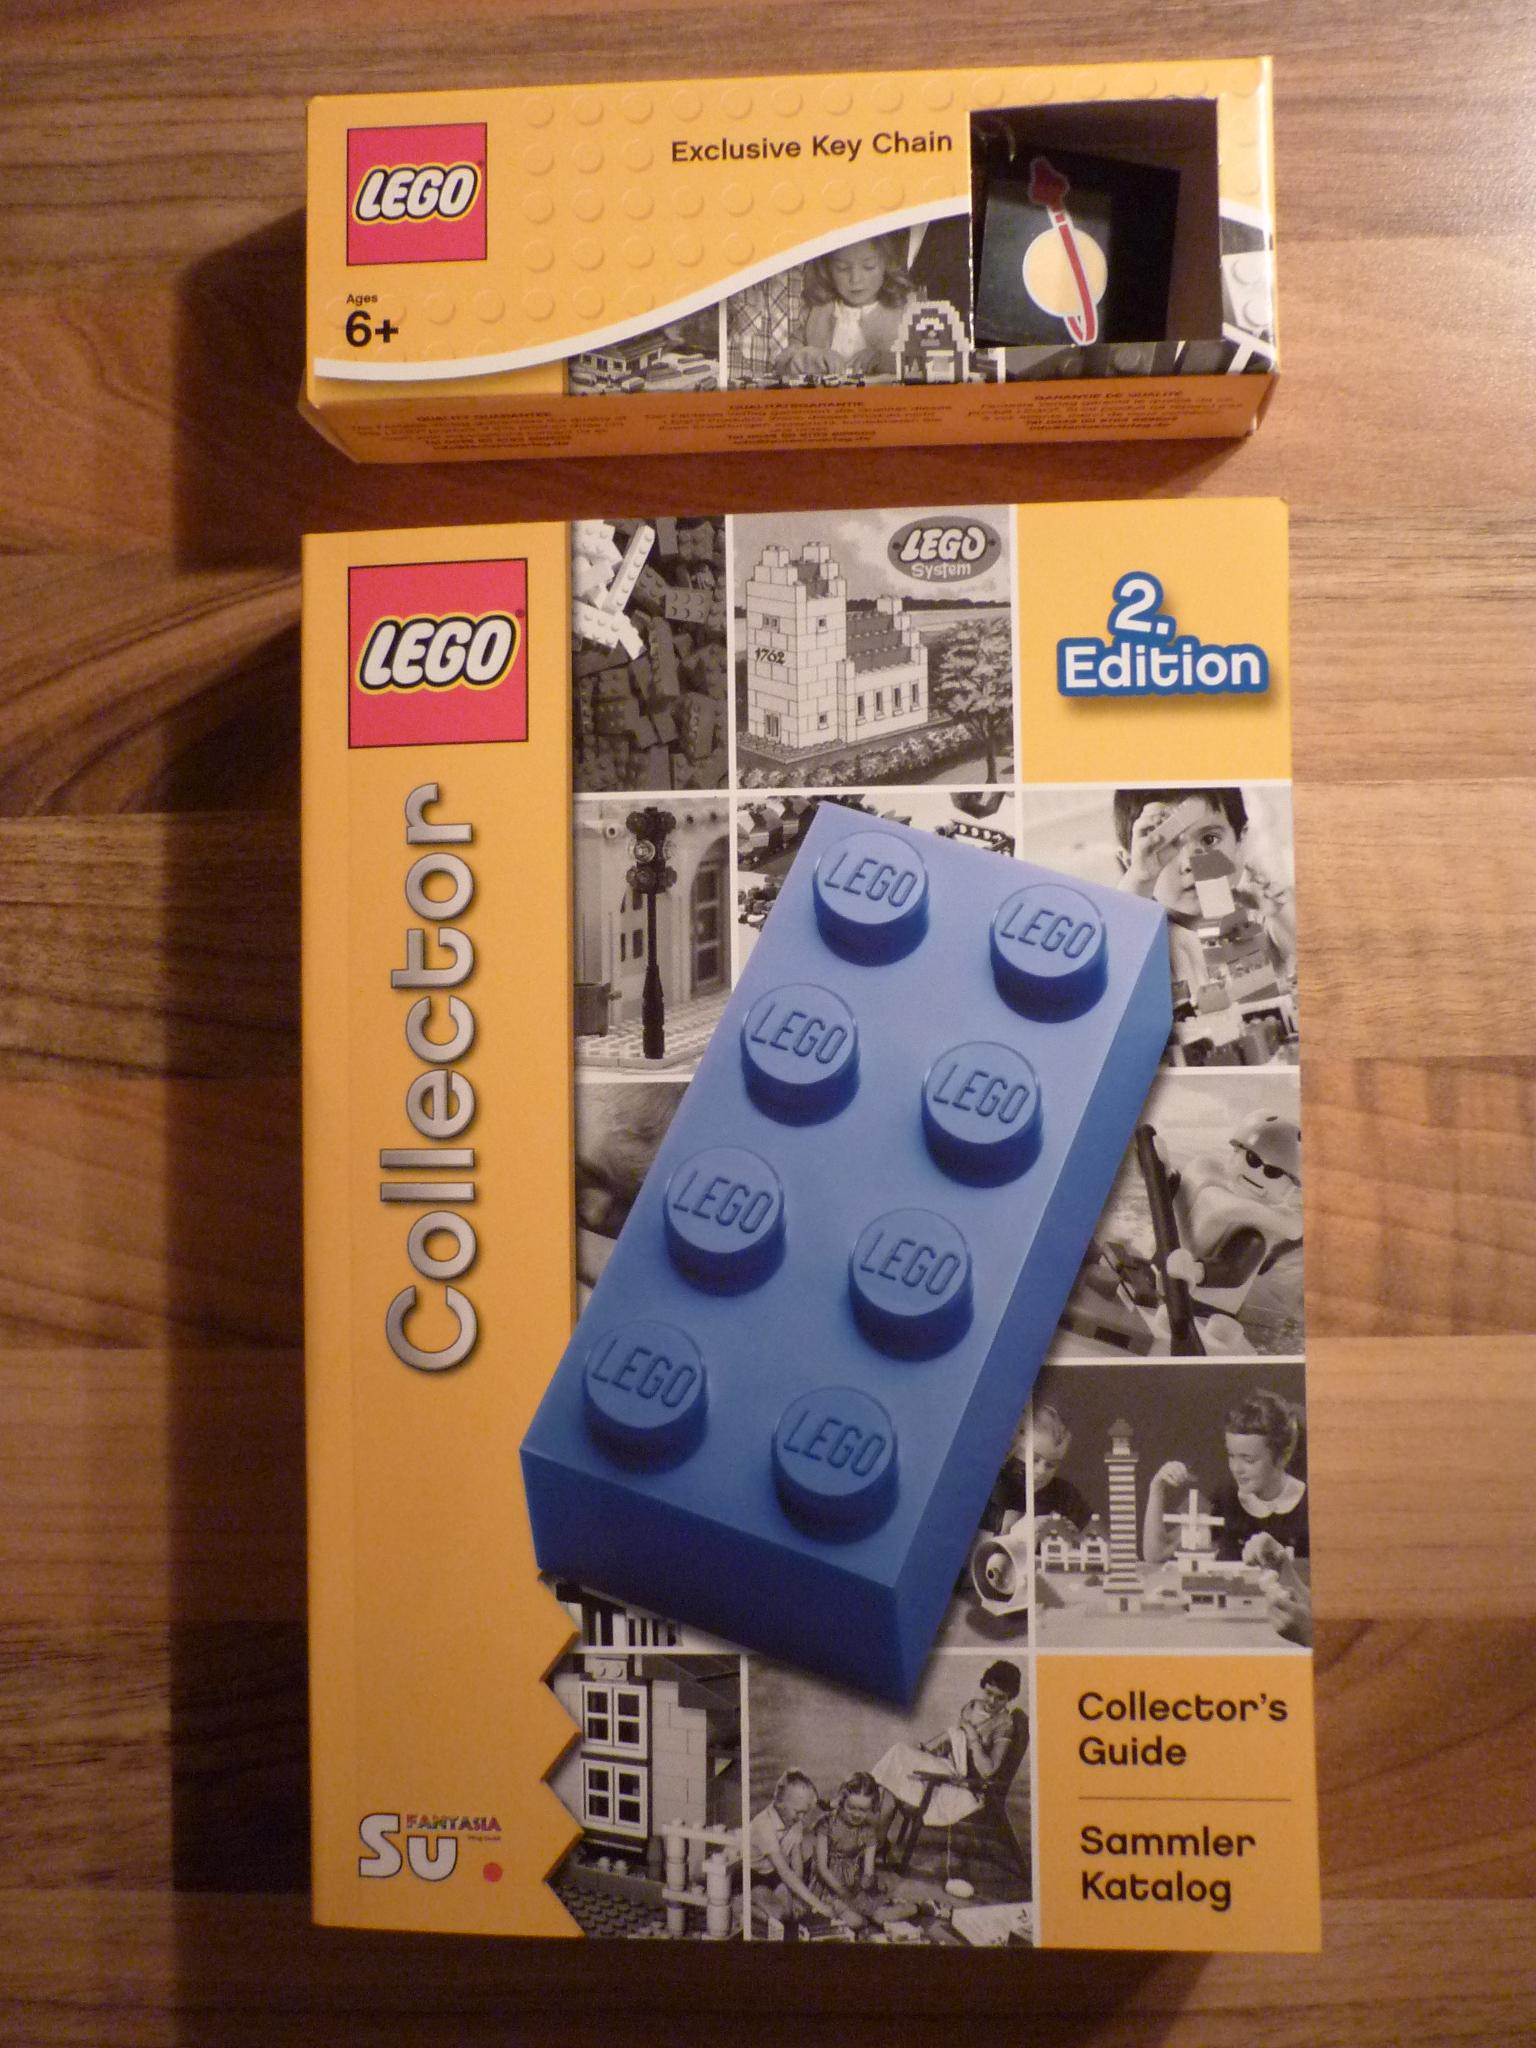 LEGO Collector - 2 Edition Katalog aller LEGO Bausätze - von den Anfängen bis heute